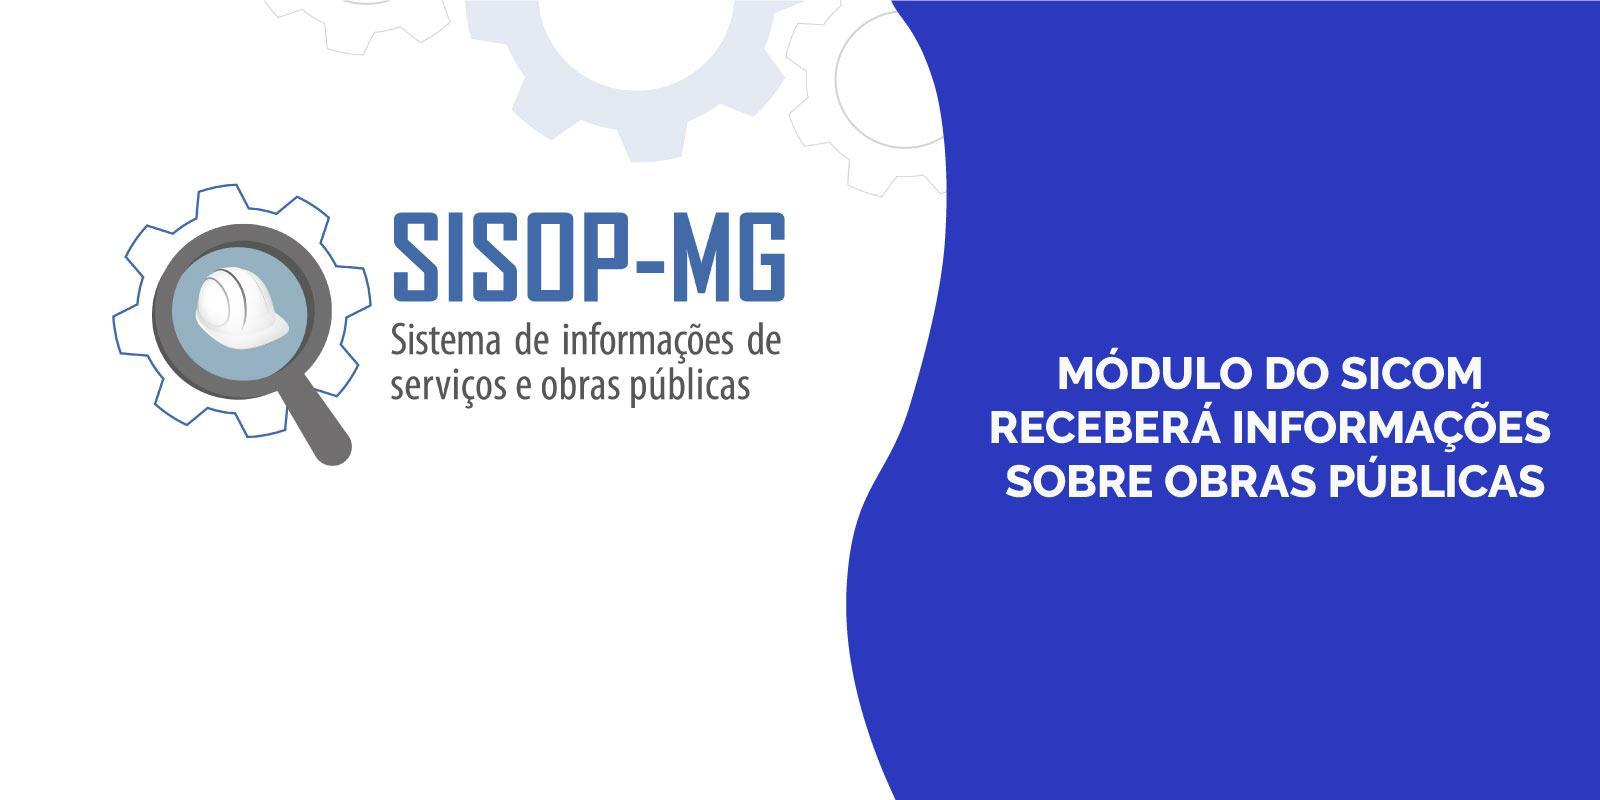 Módulo do Sicom receberá informações sobre obras públicas